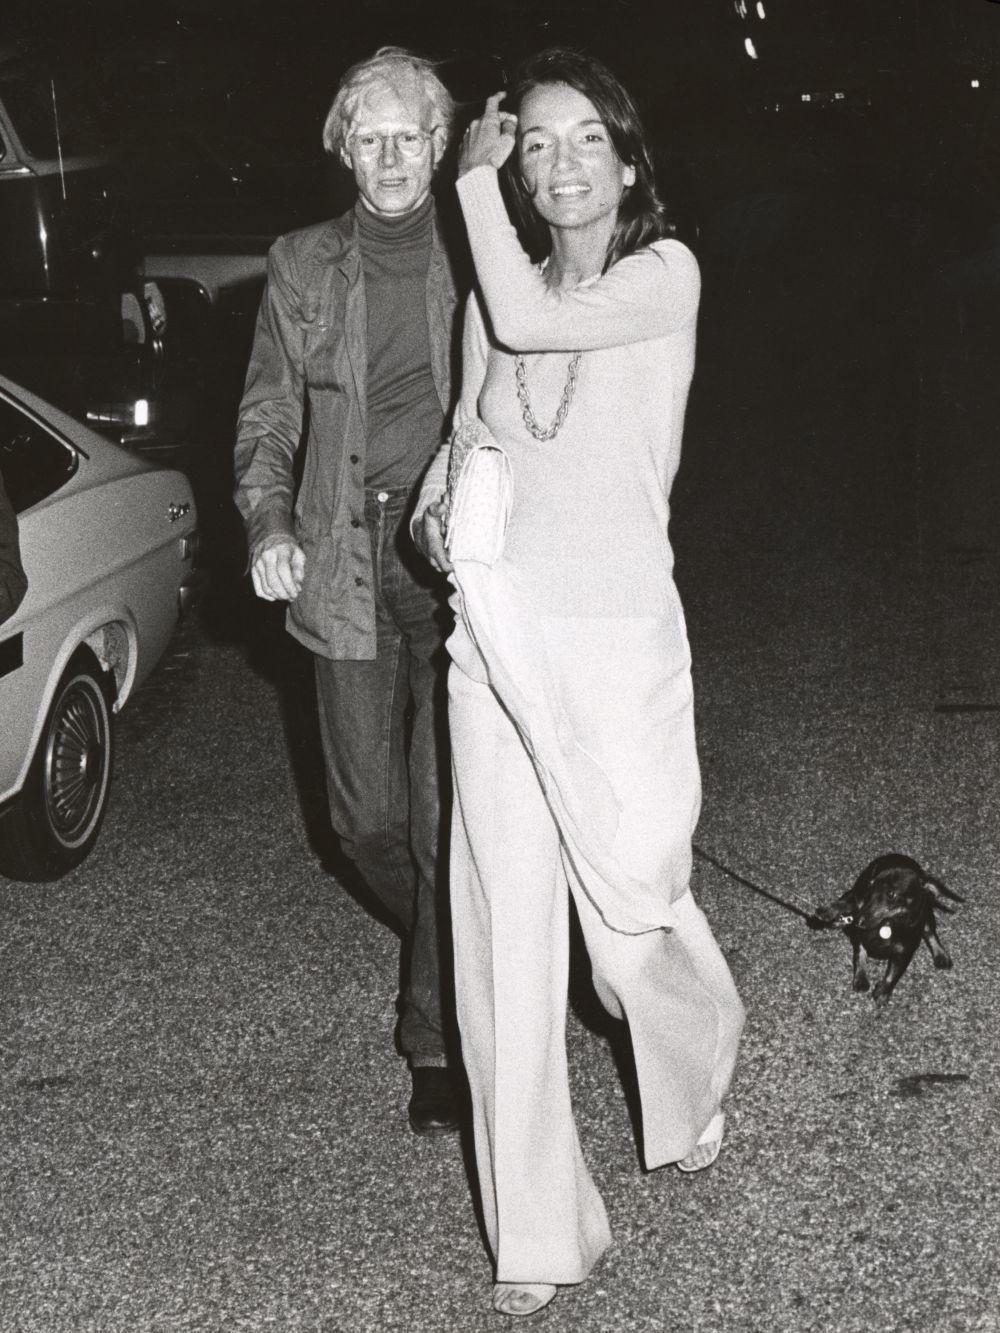 Junto a Andy Warhol, uno de sus grandes amigos artistas.